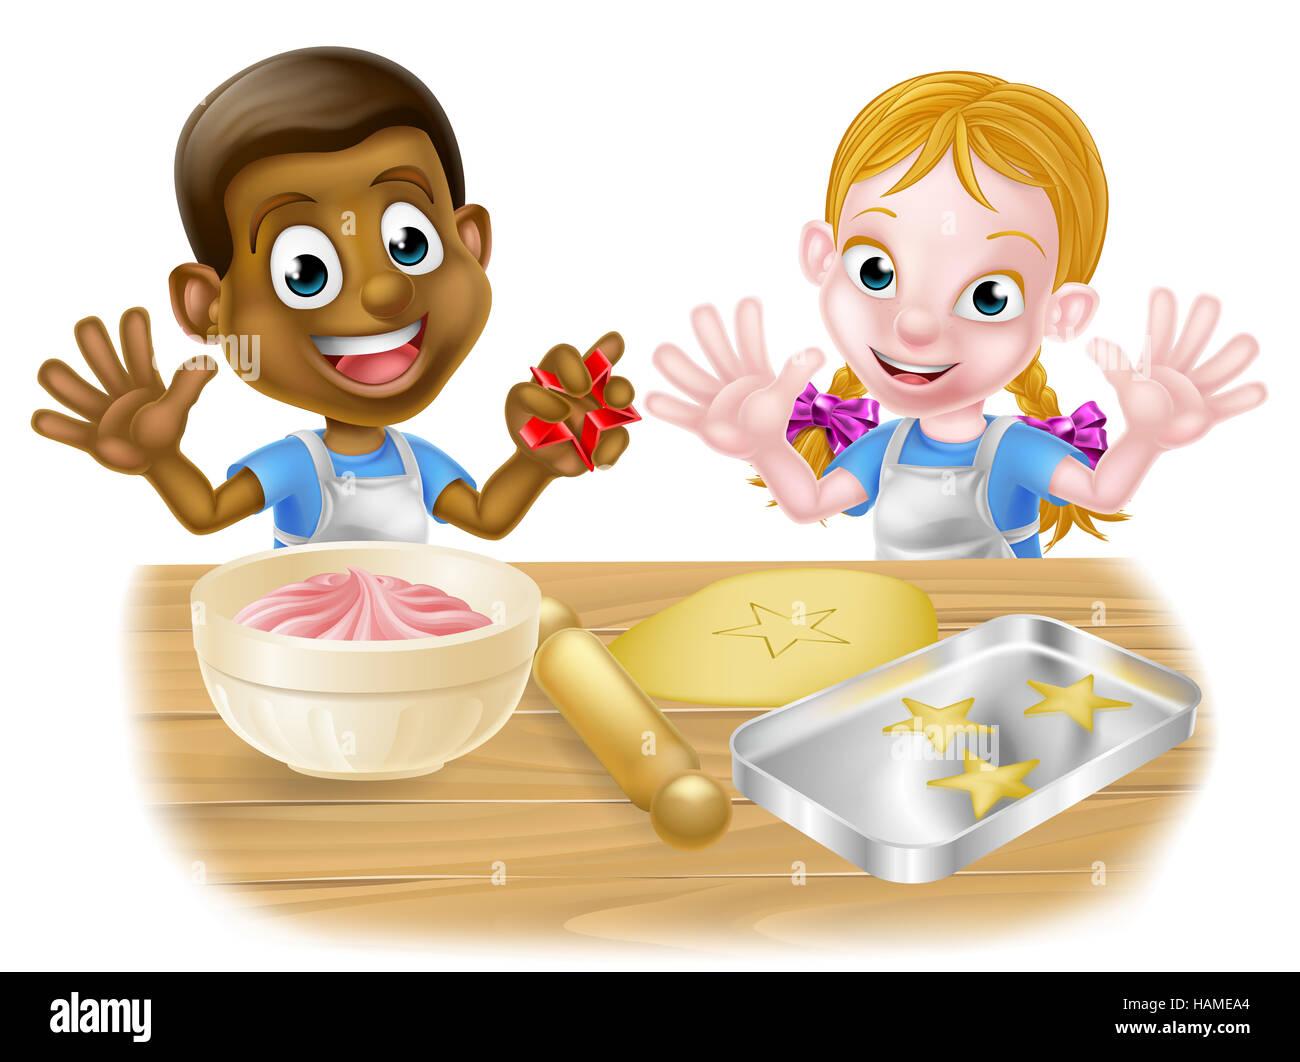 Cartoon junge und m dchen kinder koch b cker eine for Weisse kuchen bilder